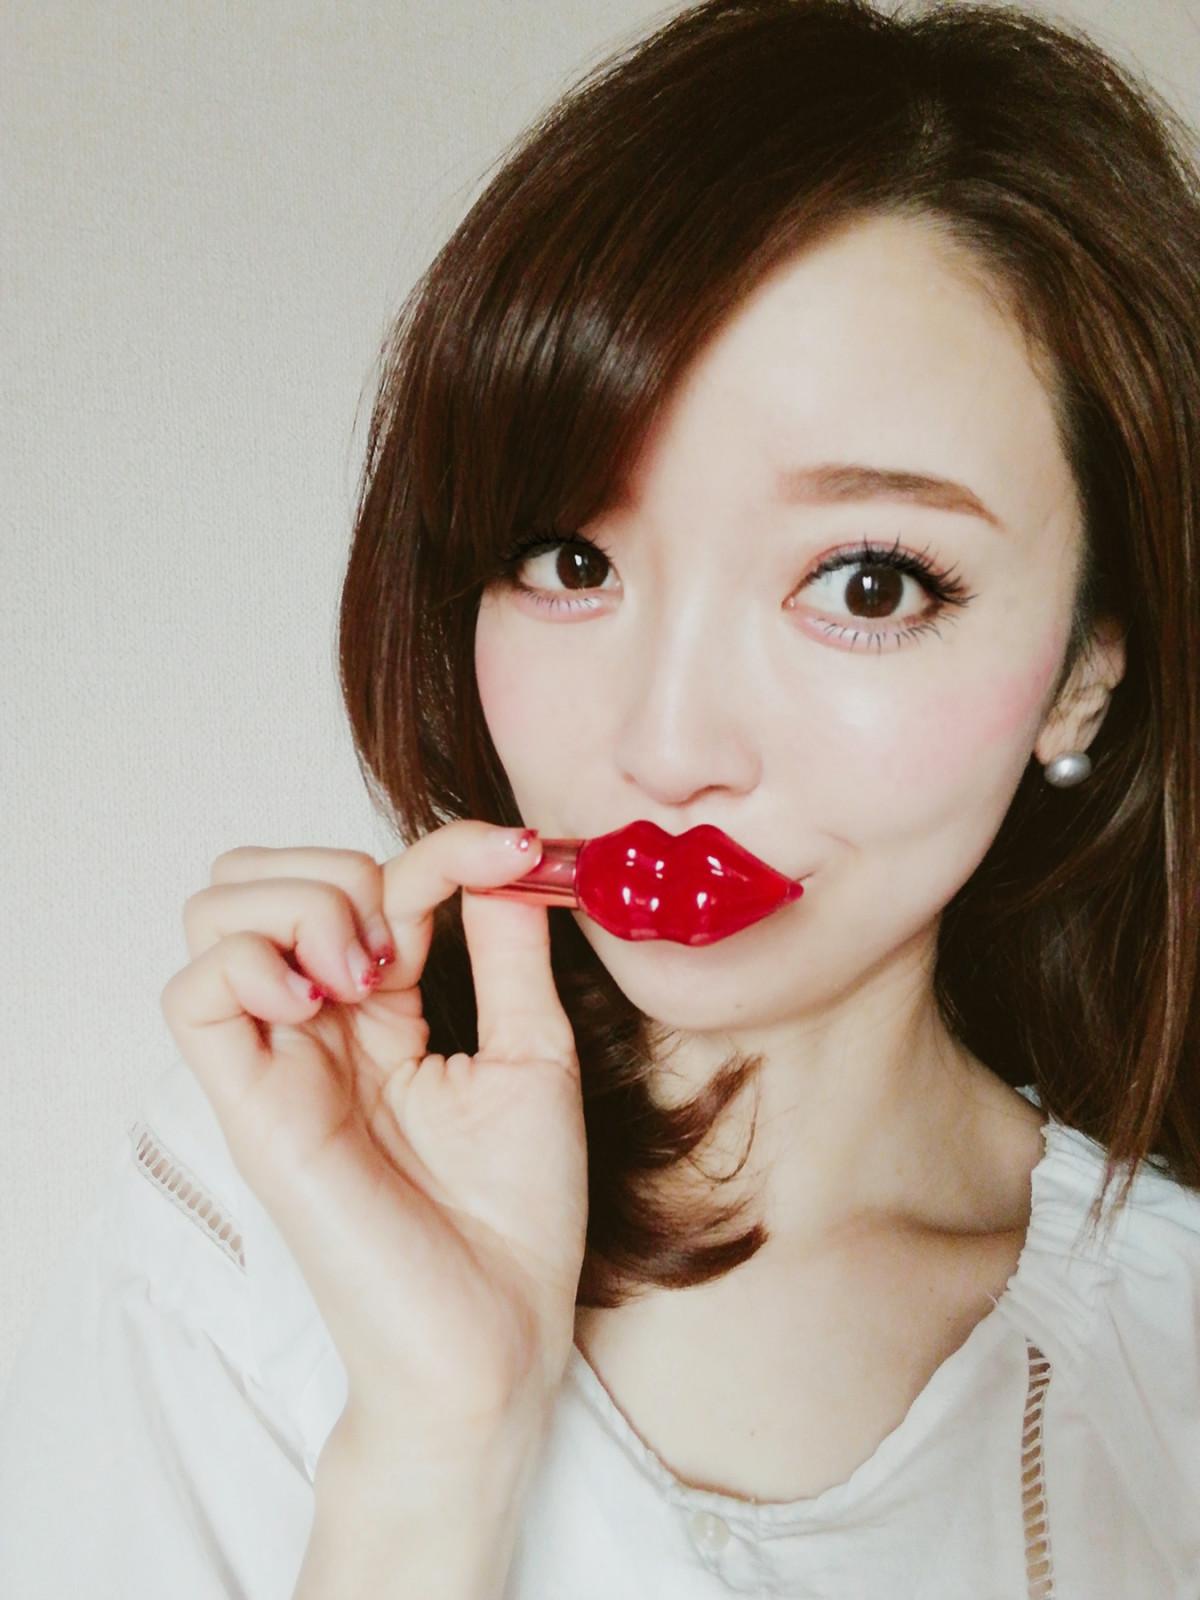 唇の形がとにかくかわいい! ステラシード プランプピンク メルティーリップセラム